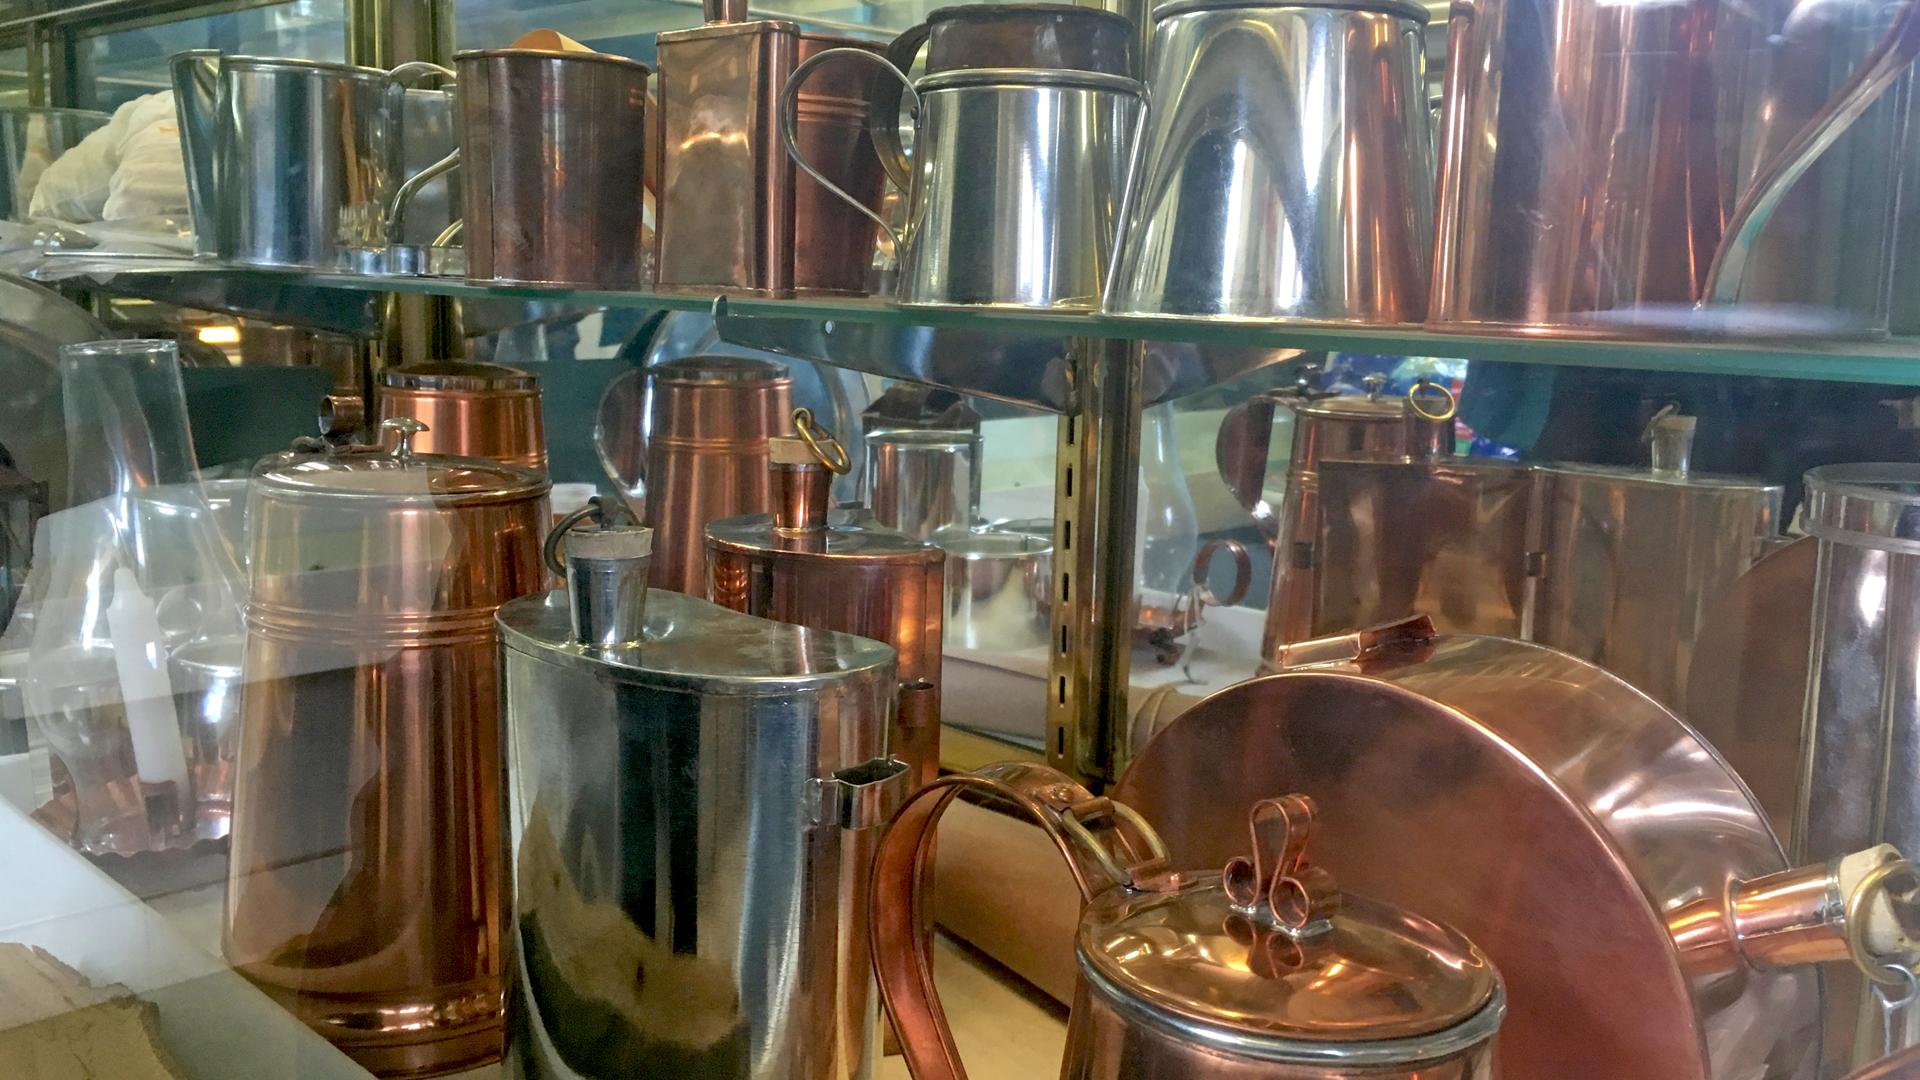 Copper Ware for sale